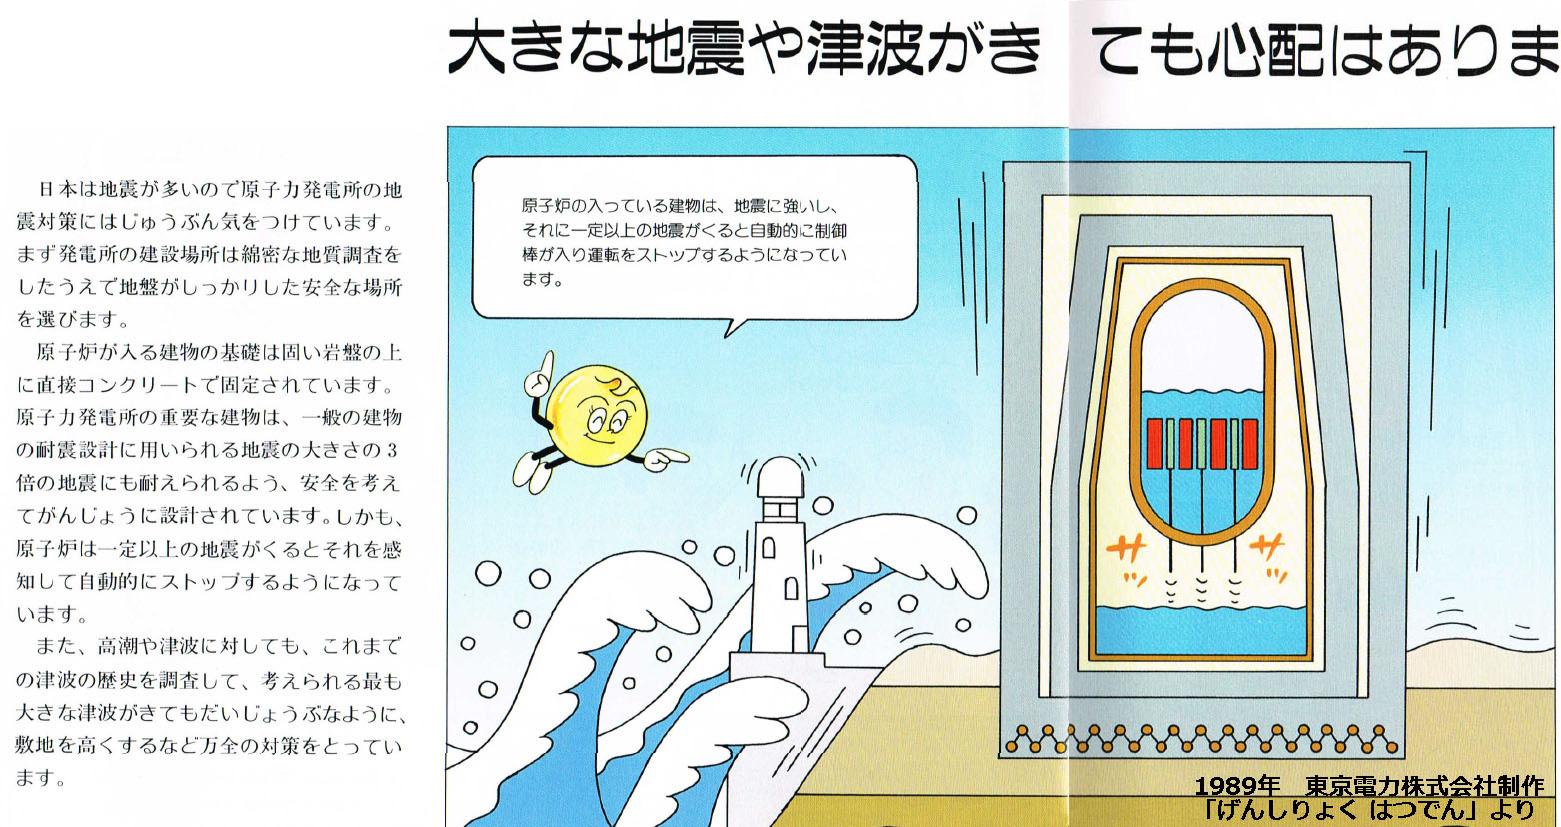 1989年東京電力株式会社制作「げんしりょくはつでん」より。大きな自身や津波がきても心配はありません